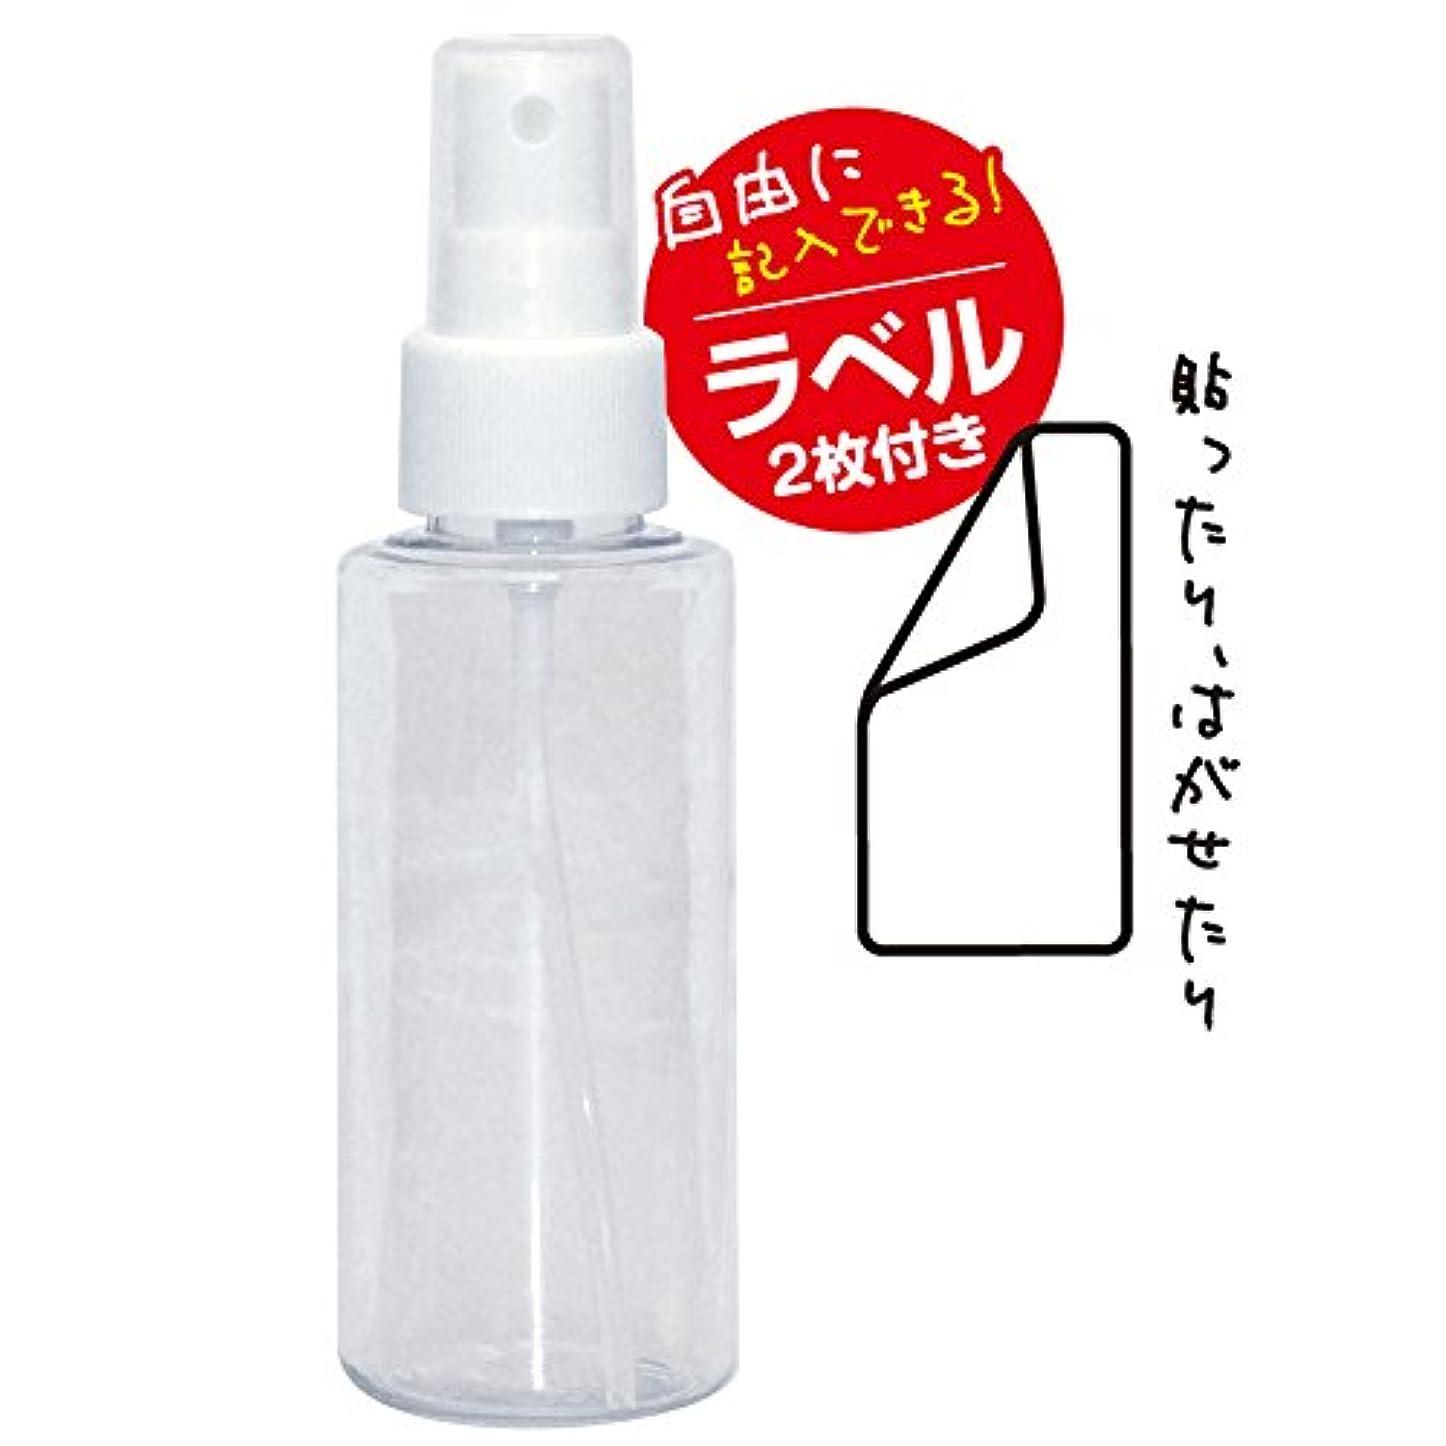 石油微生物ブロックガレージ?ゼロ PET スプレーボトル 100ml/GZSQ01